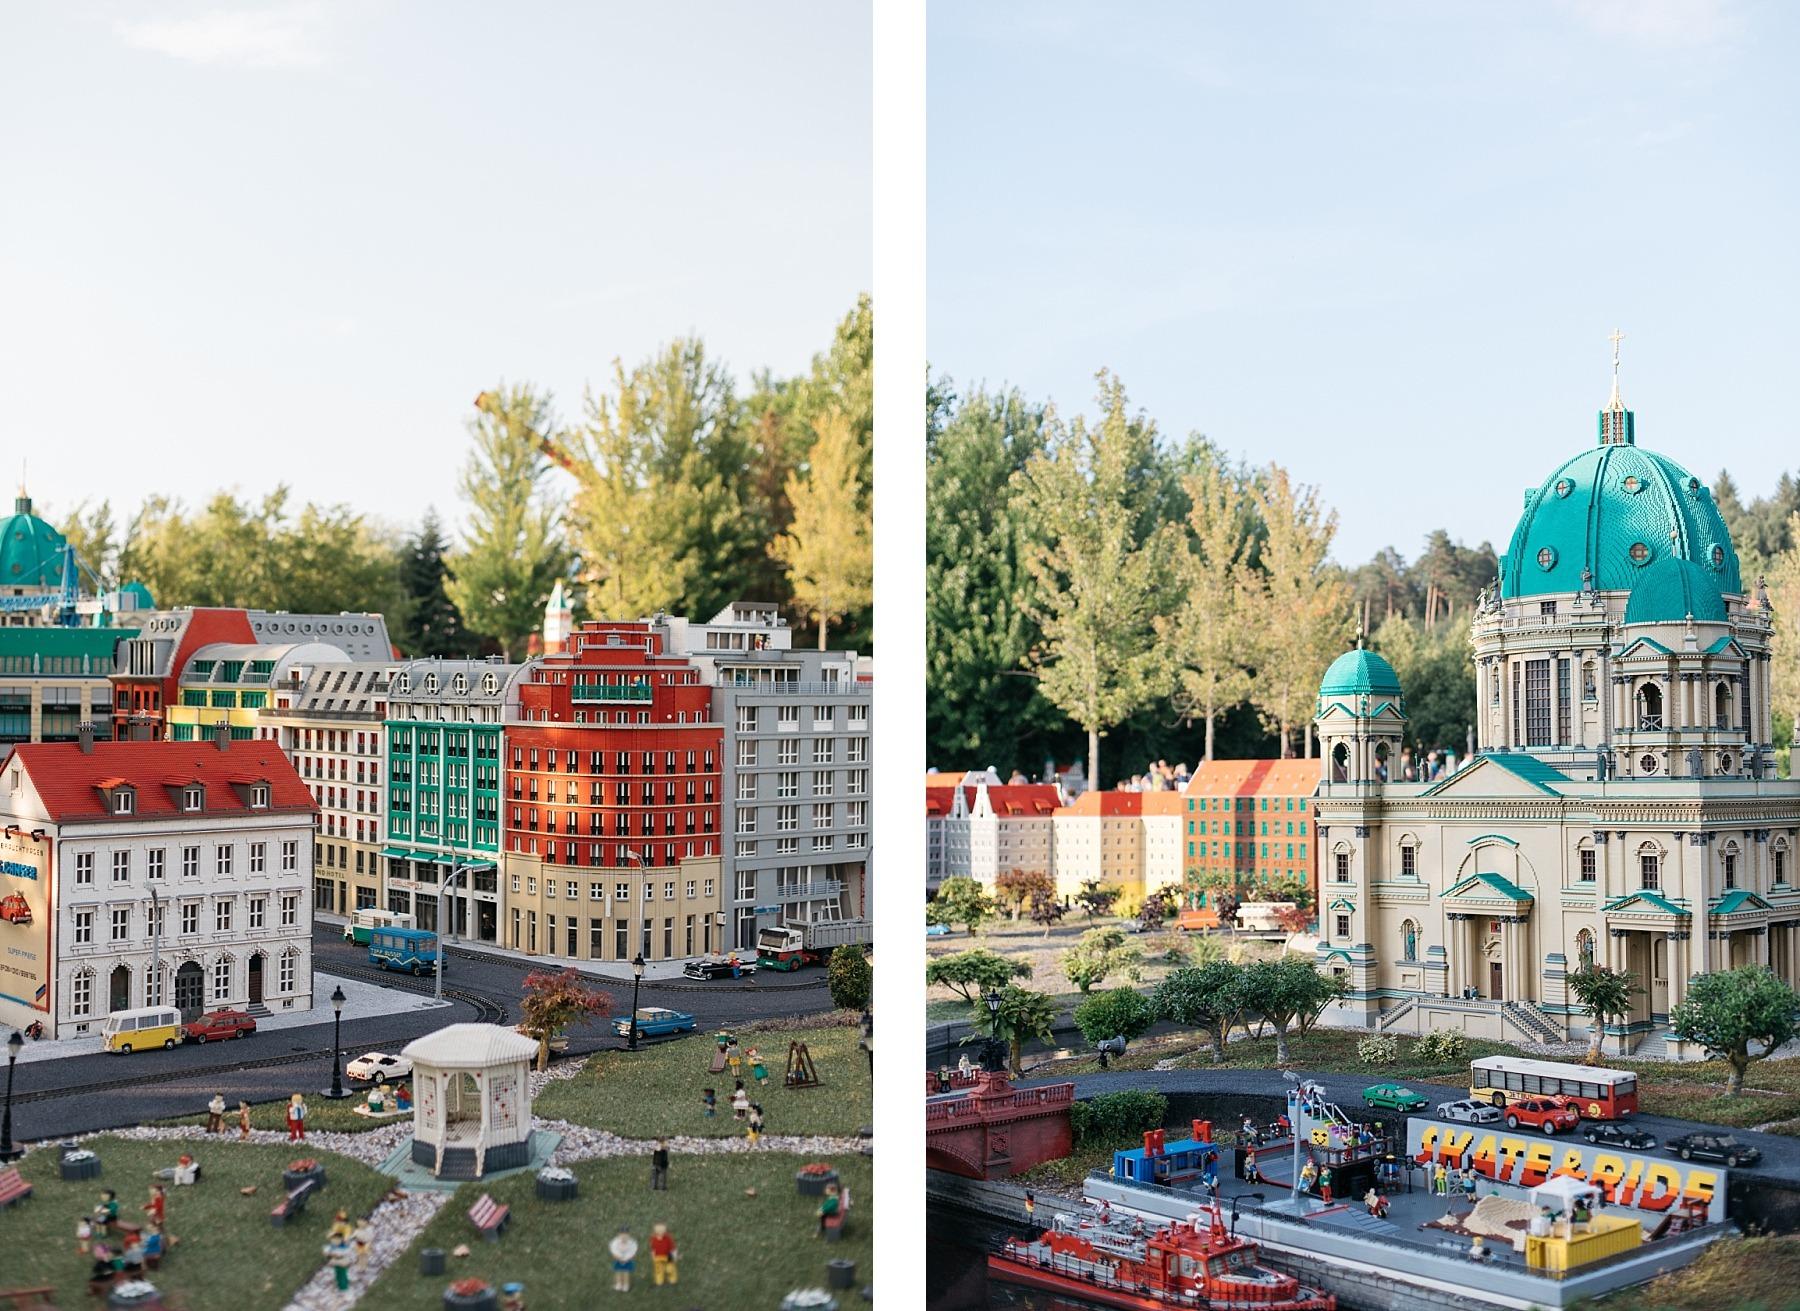 Legoland - 57 millions de briques Lego 21